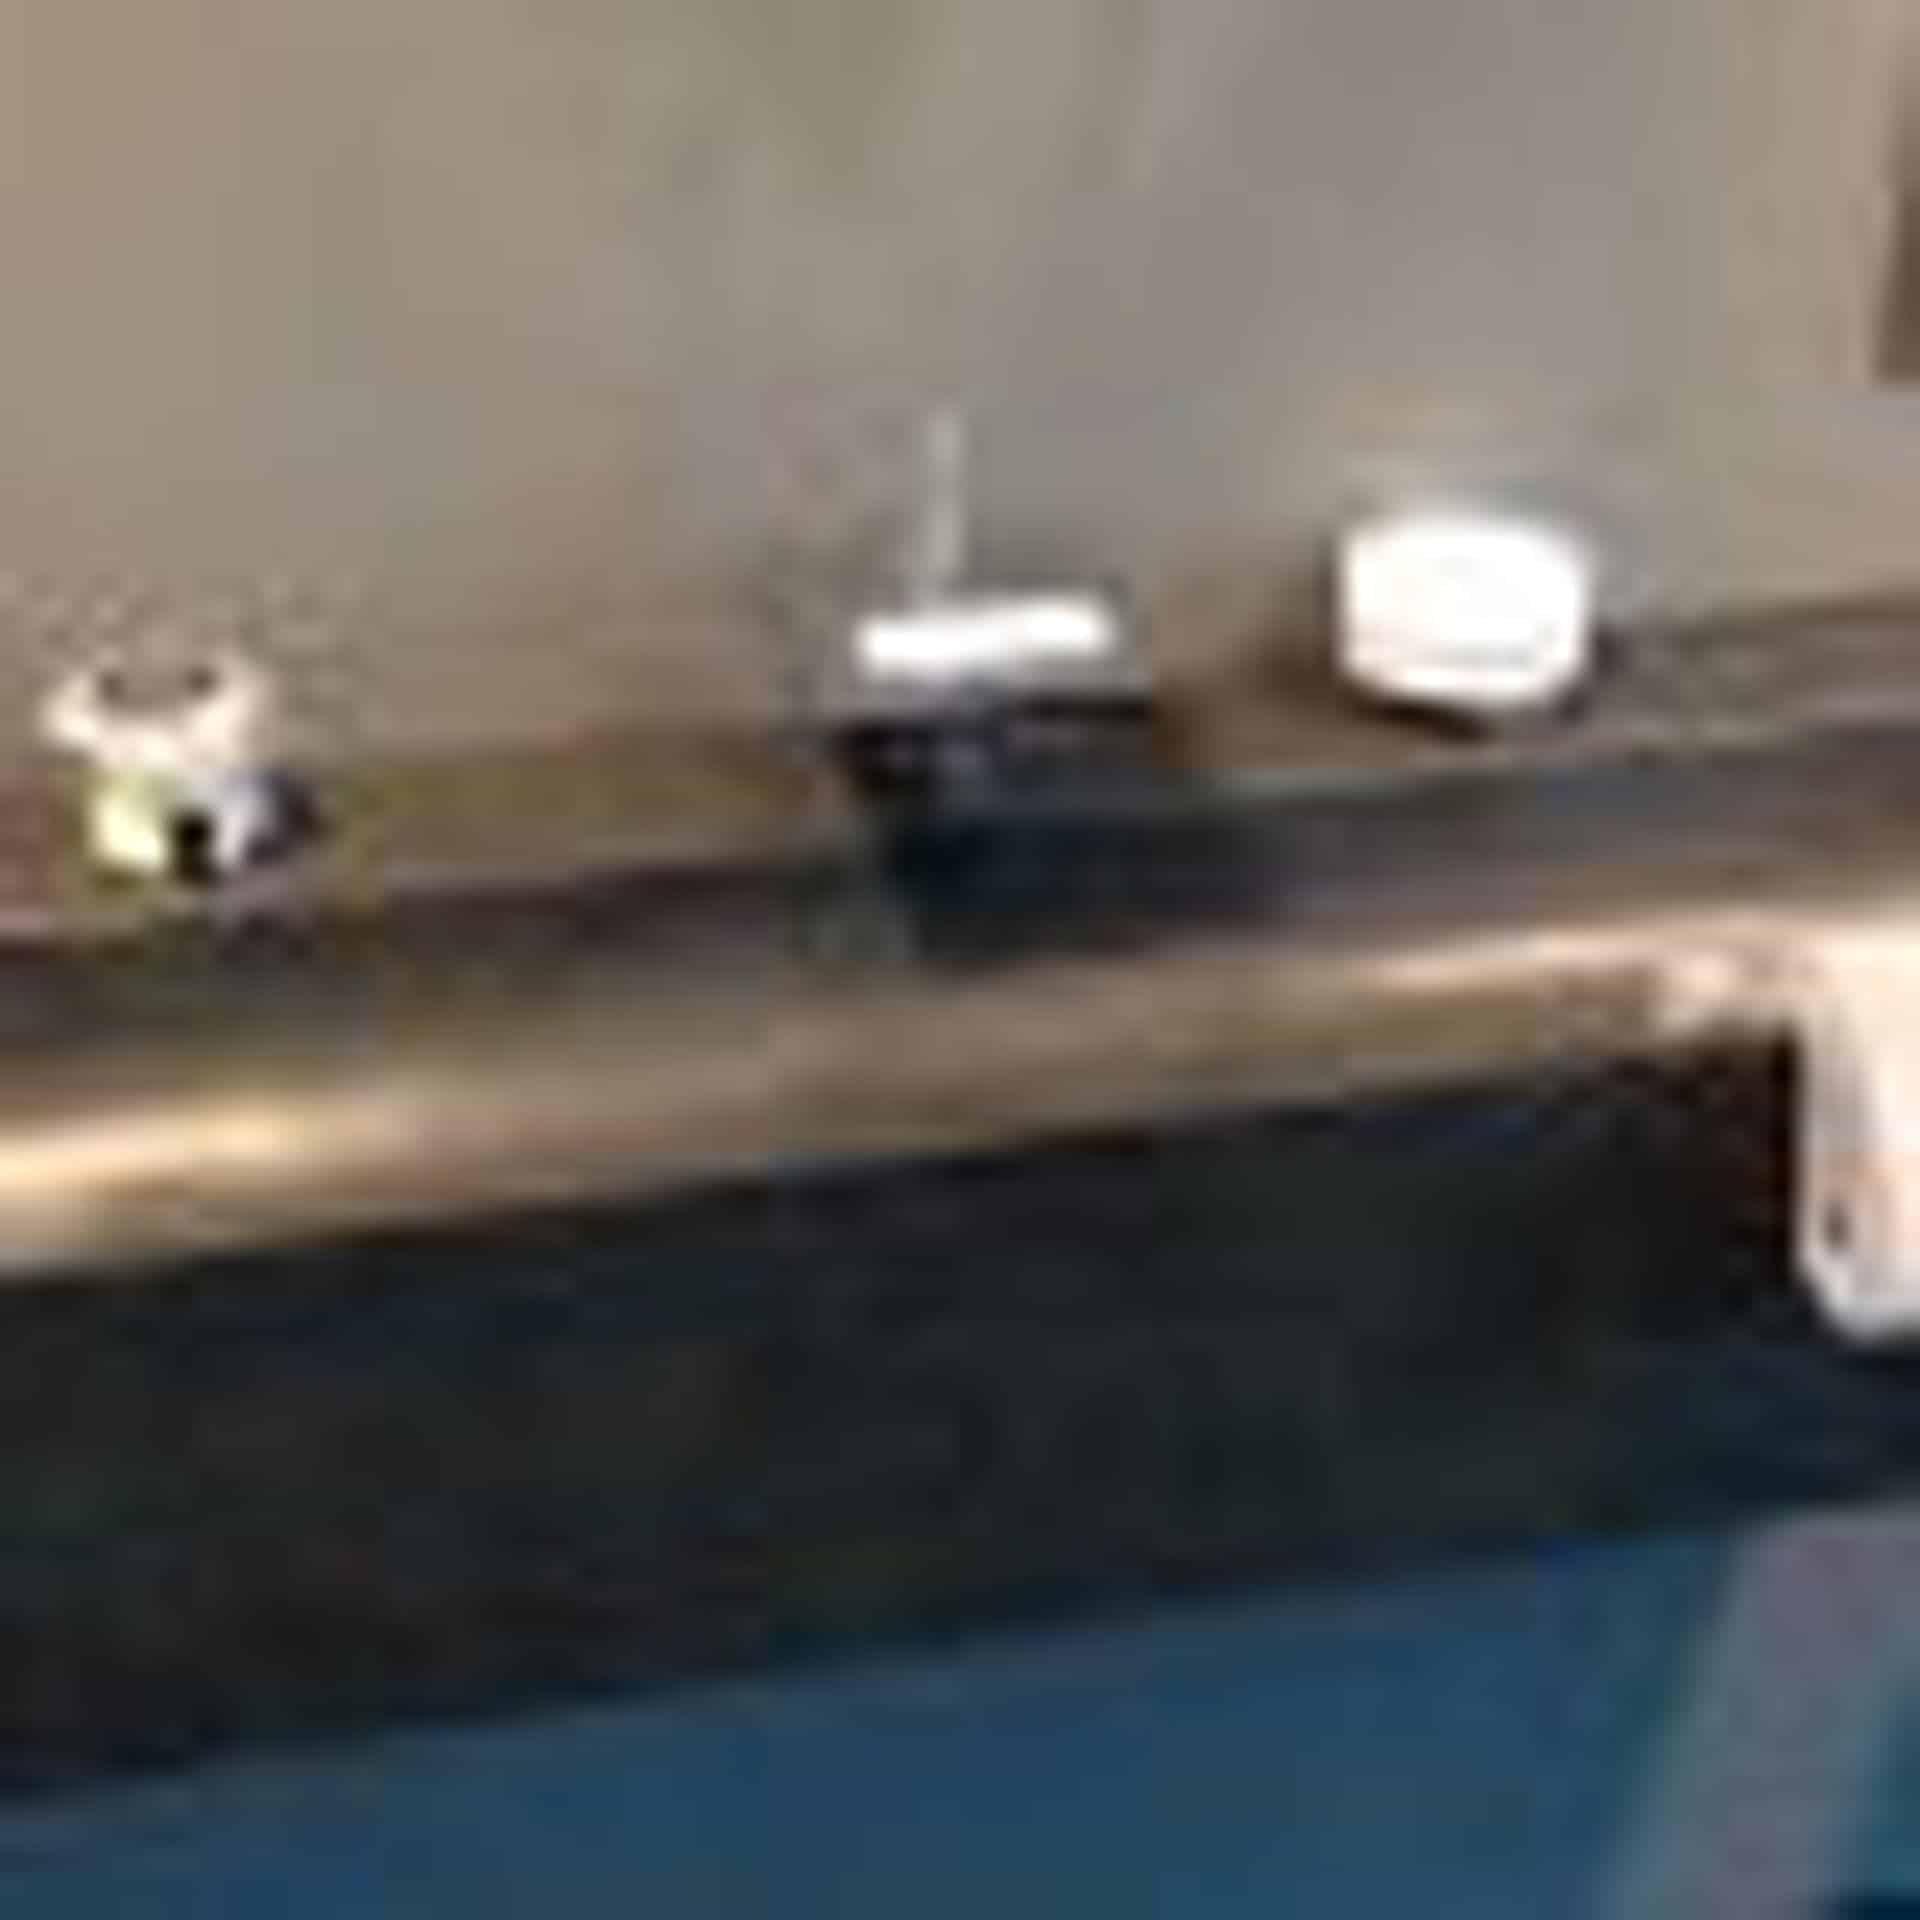 Eksklusiv designhåndvask fremstillet i massiv granit. Den sorte granit har en mat finish. En ægte stenvask i målene: 120 x 35,5 x 25 cm. Vasken er bearbejdet ud af et helt stykke granit - vi fræser ganske enkelt en håndvask ud af sten. Alle de afsluttende små detaljer er håndlavet. Med denne vask vil man få et stykke natur hjem i badeværelset. Det er kvalitet, som holder mange år ud i tiden. Vasken kan på grund af sit design ikke stå på et skab men skal hænge på væggen. Vasken er hensynsmæssigt designet med fine rundinger, som både giver vasken et eksklusivt udtryk og gør den rengøringsvenlig. Vasken vedligeholdes med voks - vi anbefaler en behandling med vores egen naturvoks ID12002 et par gange om året for at opnå optimalt look.